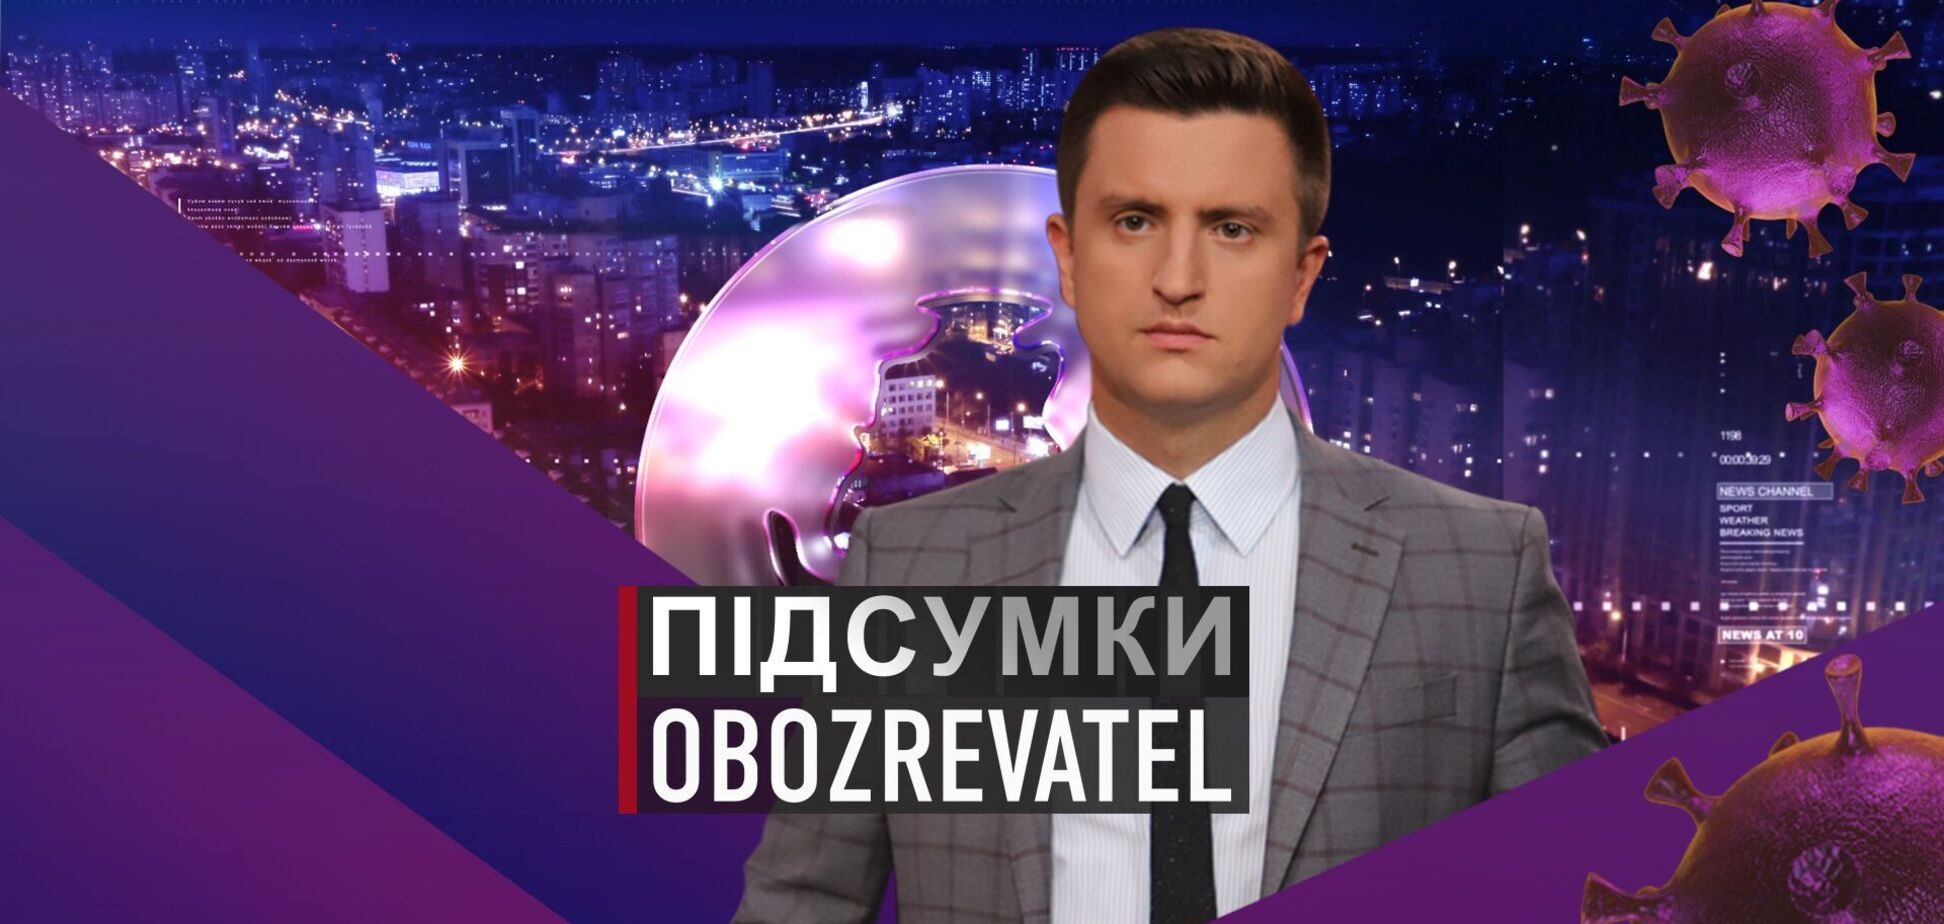 Підсумки с Вадимом Колодийчуком. Вторник, 11 мая